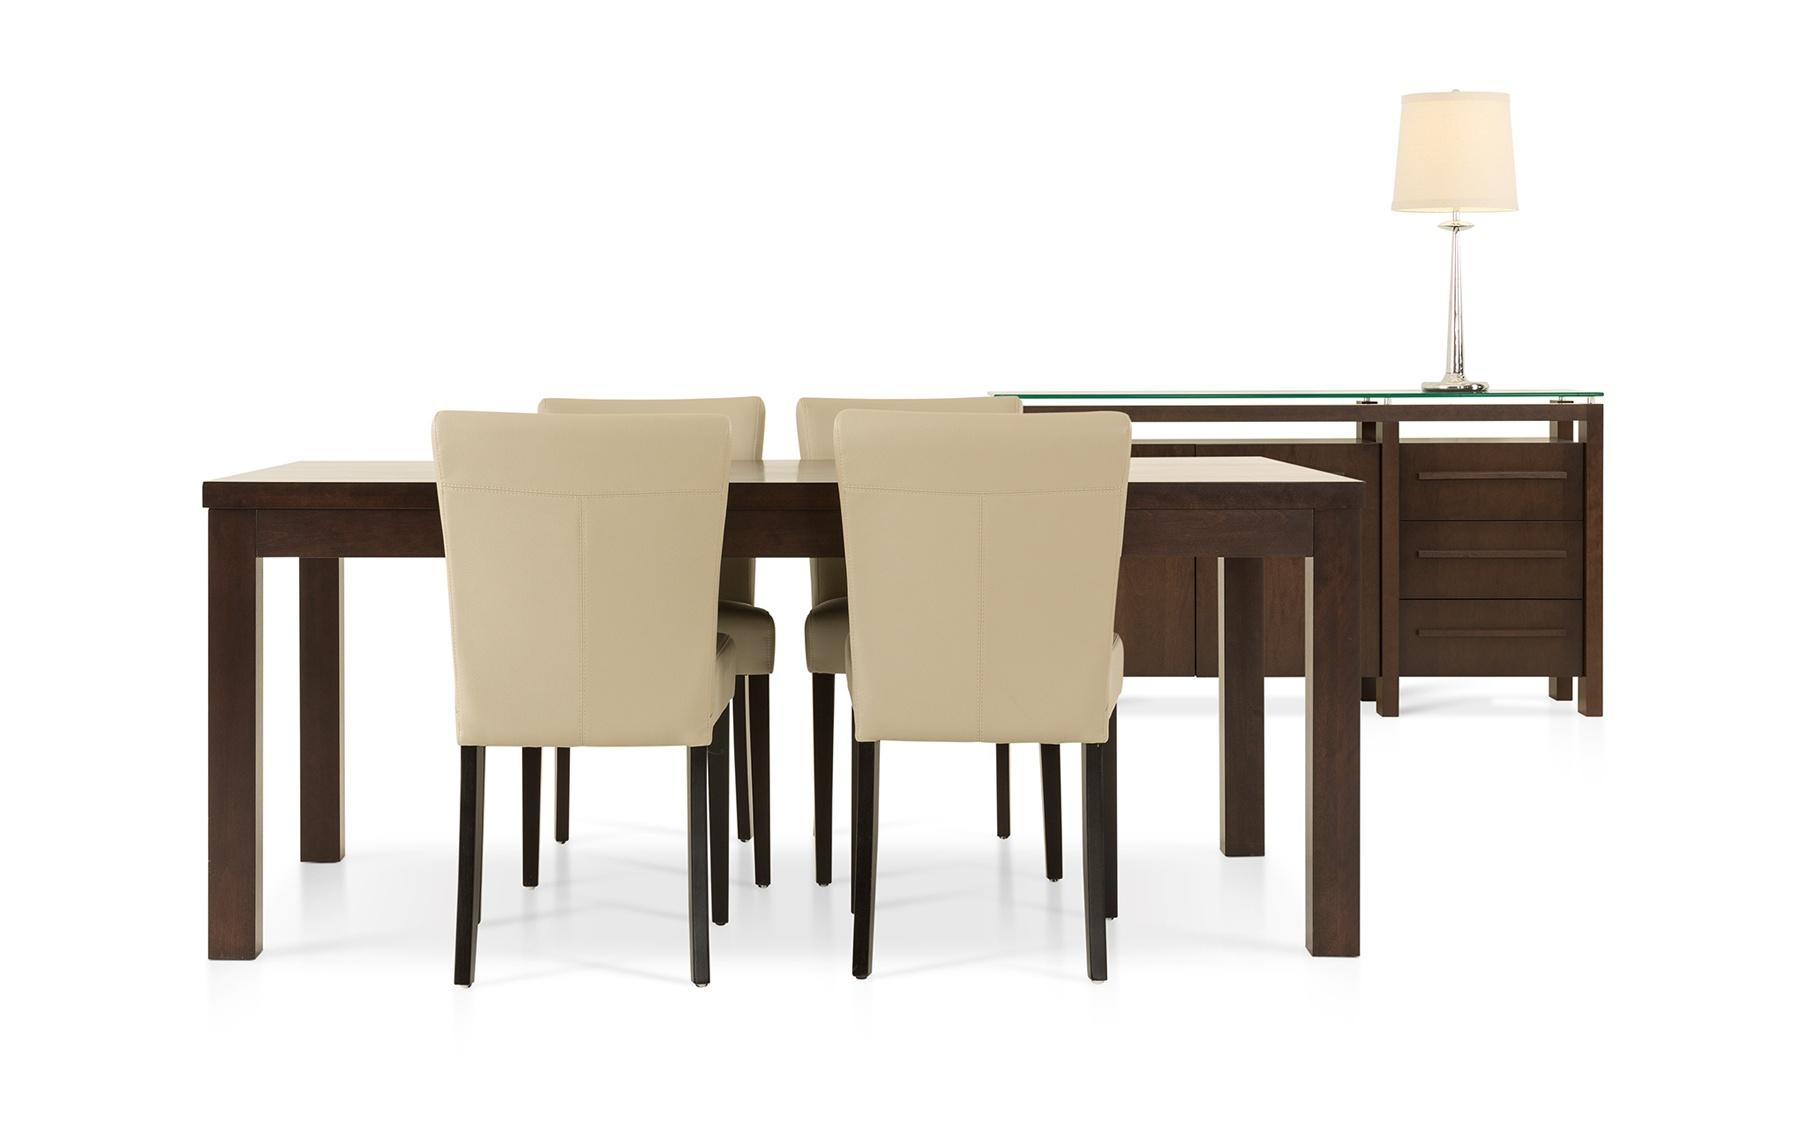 Chaise cl557 chaises salles manger la galerie du meuble - La galerie du meuble contemporain ...